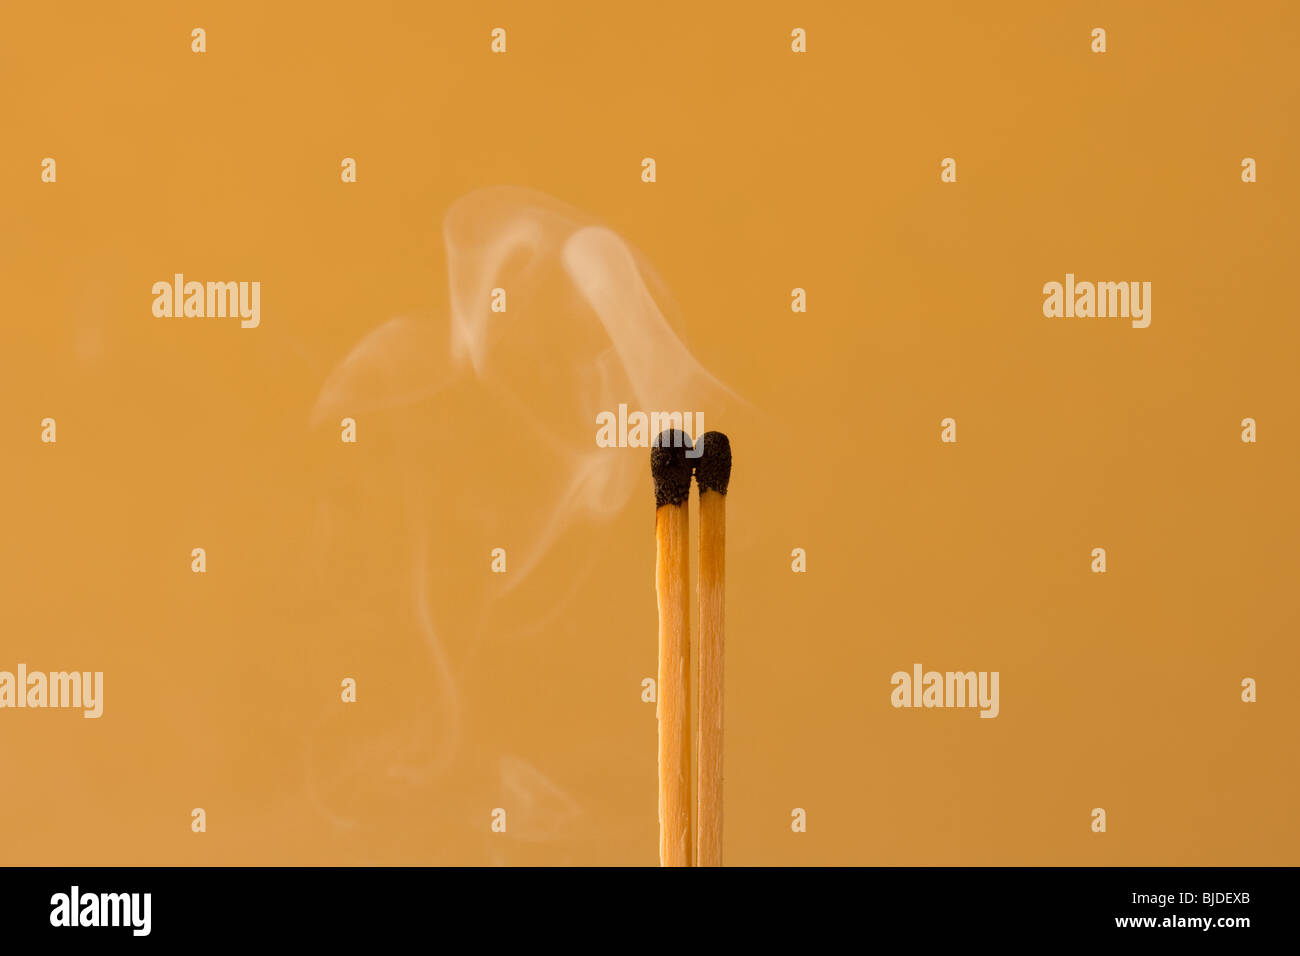 Spiele gegen einen orange Hintergrund Ausbrennen Stockbild